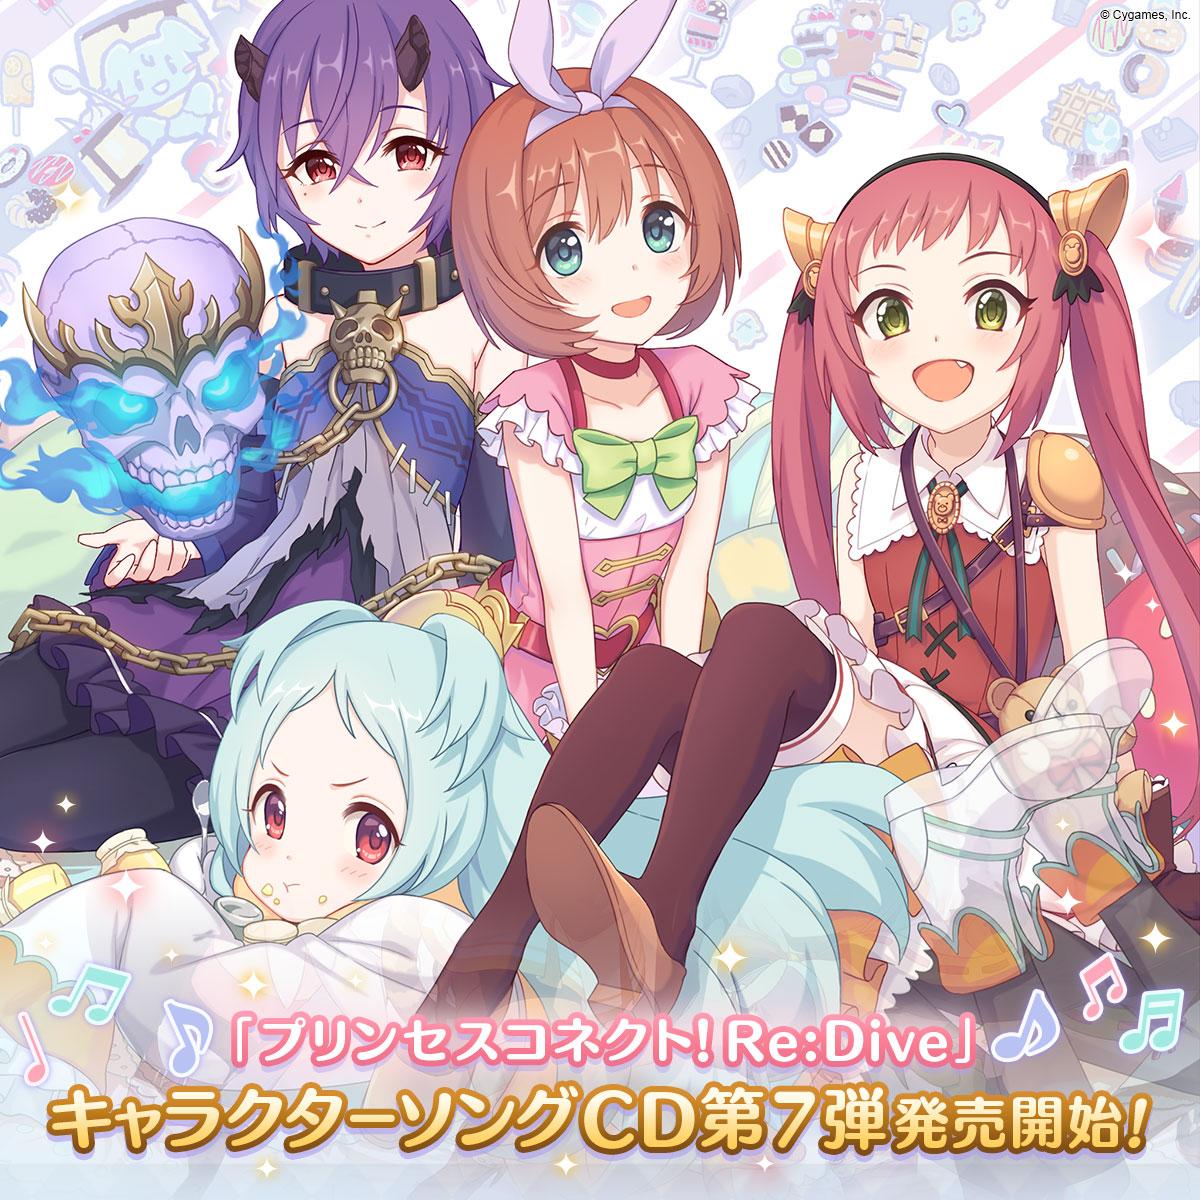 「プリンセスコネクト!Re:Dive」キャラクターソングCD第7弾発売開始のお知らせ